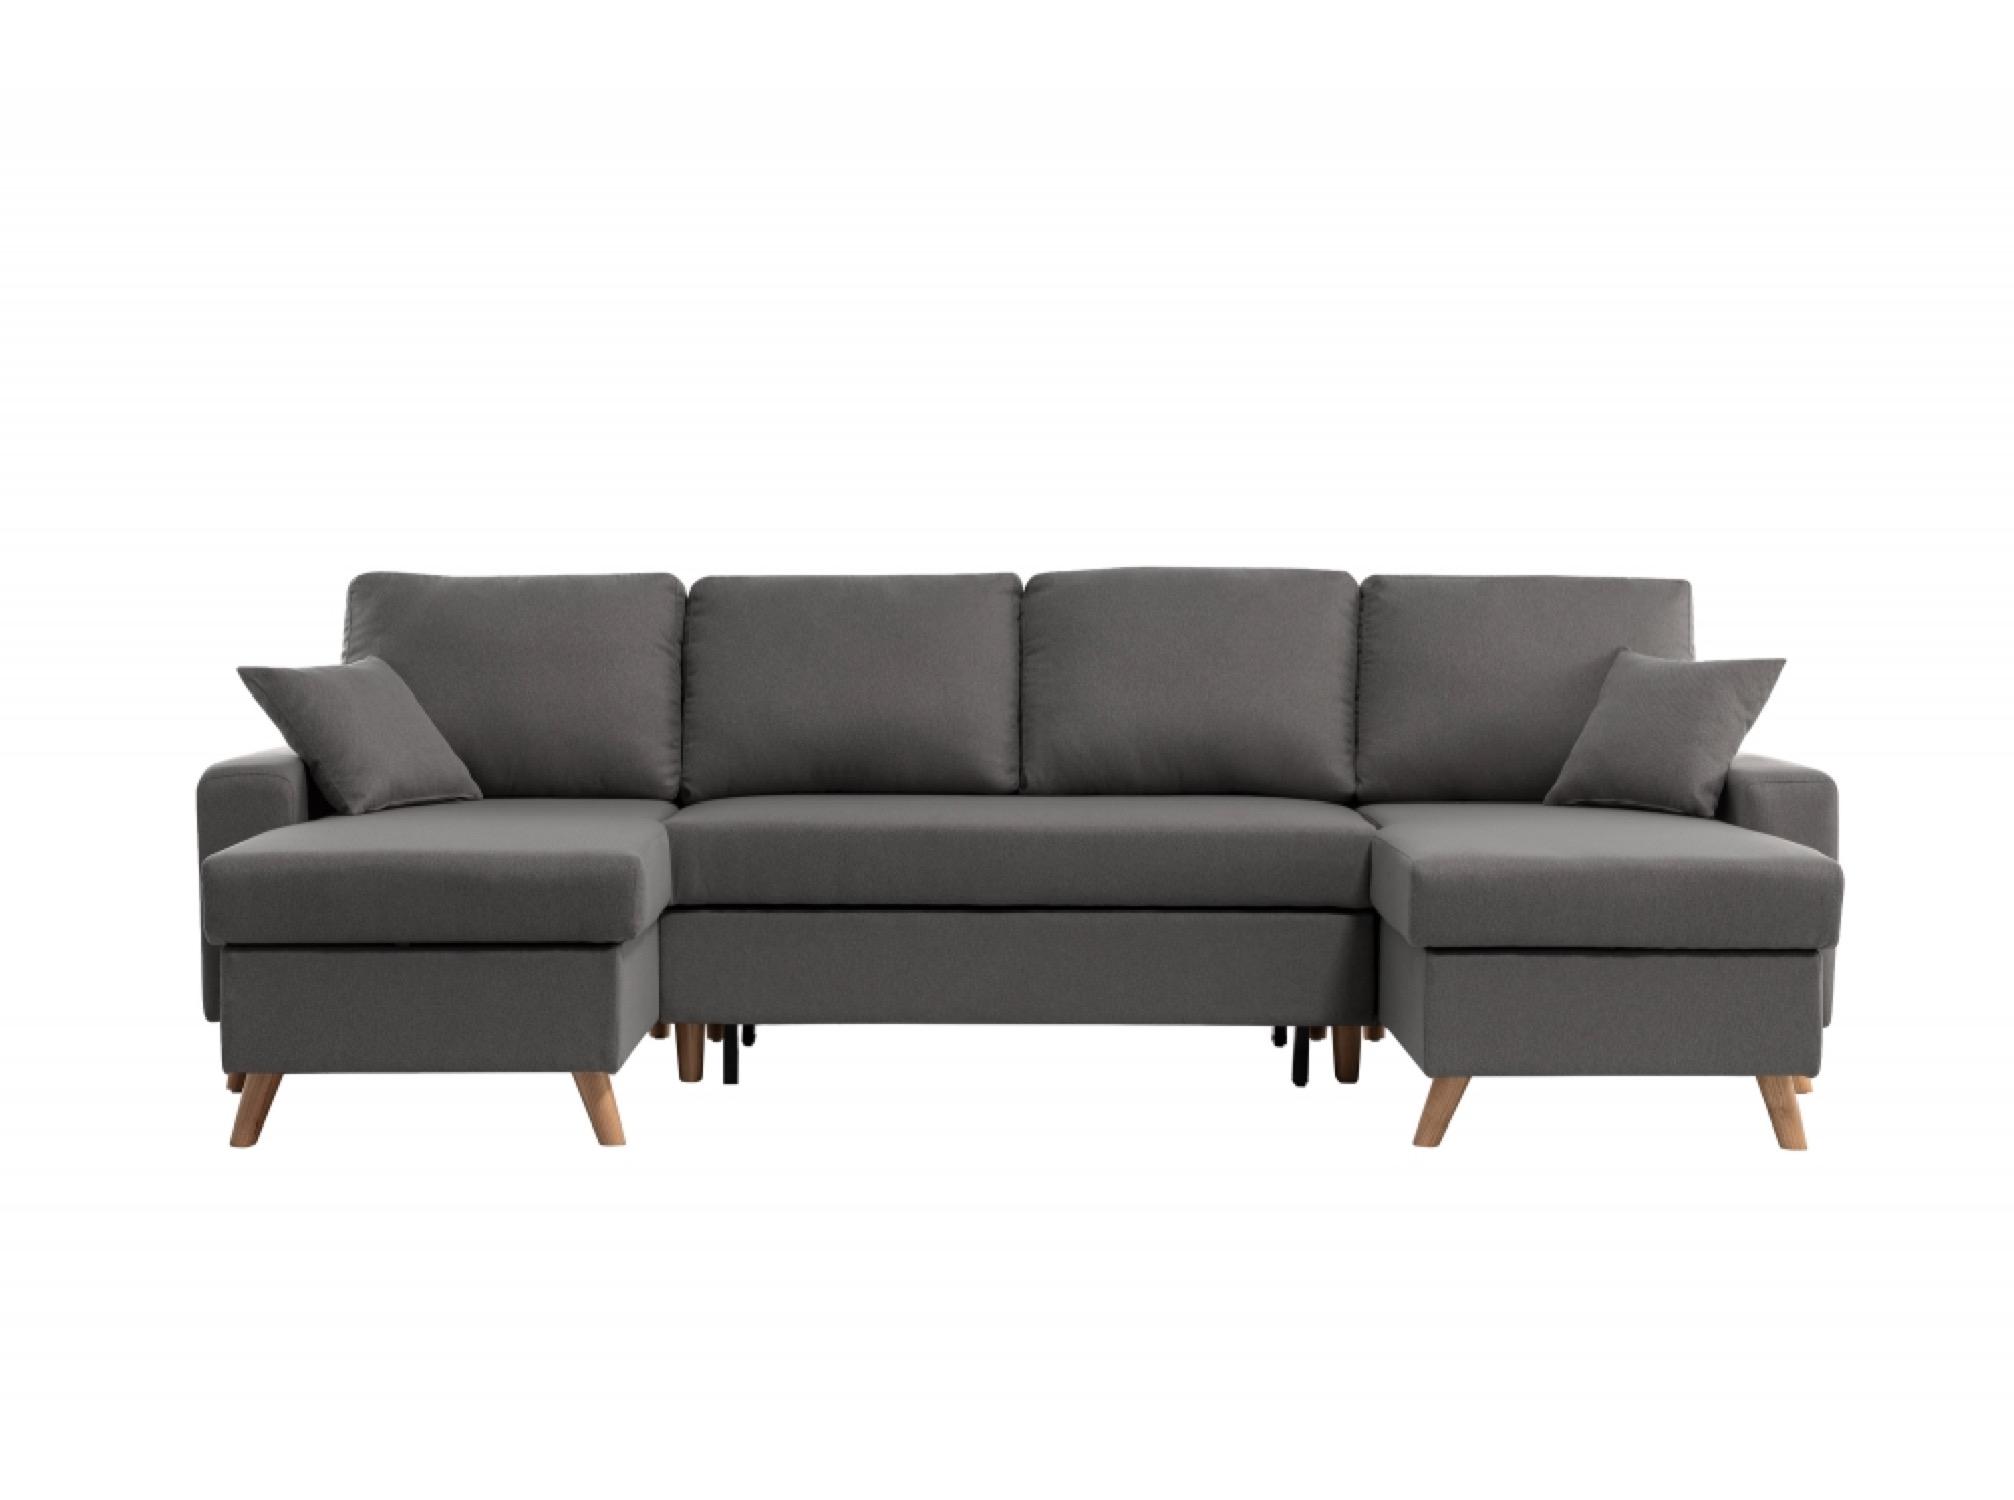 Canapé d'angle 6 places Gris Tissu Scandinave Confort